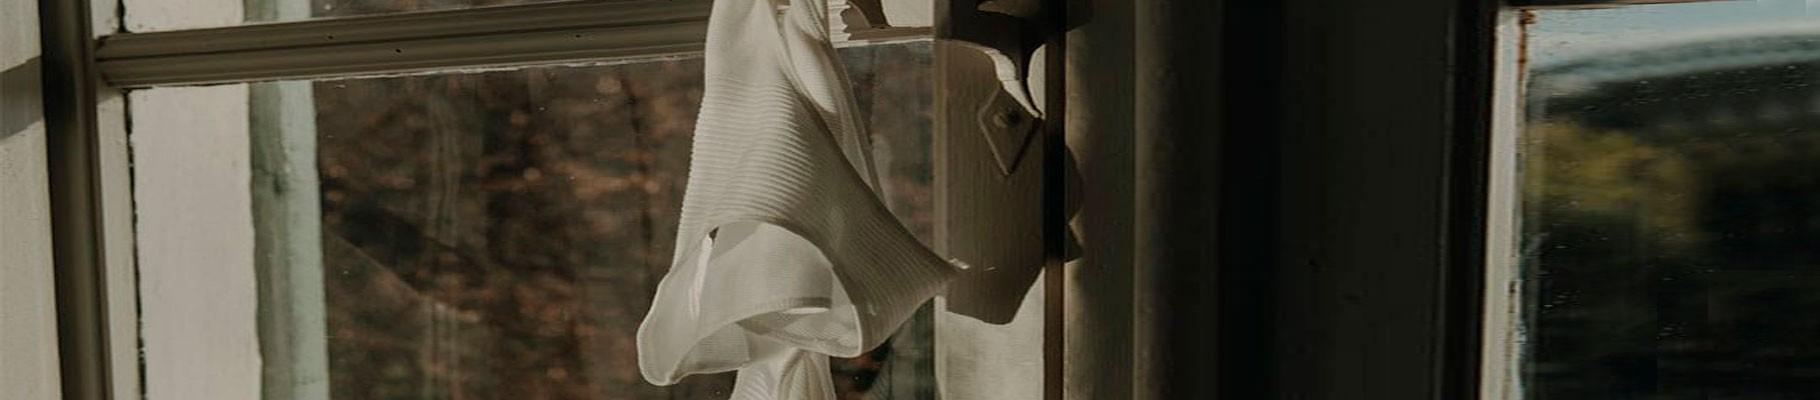 Women's underwear at Suneonline